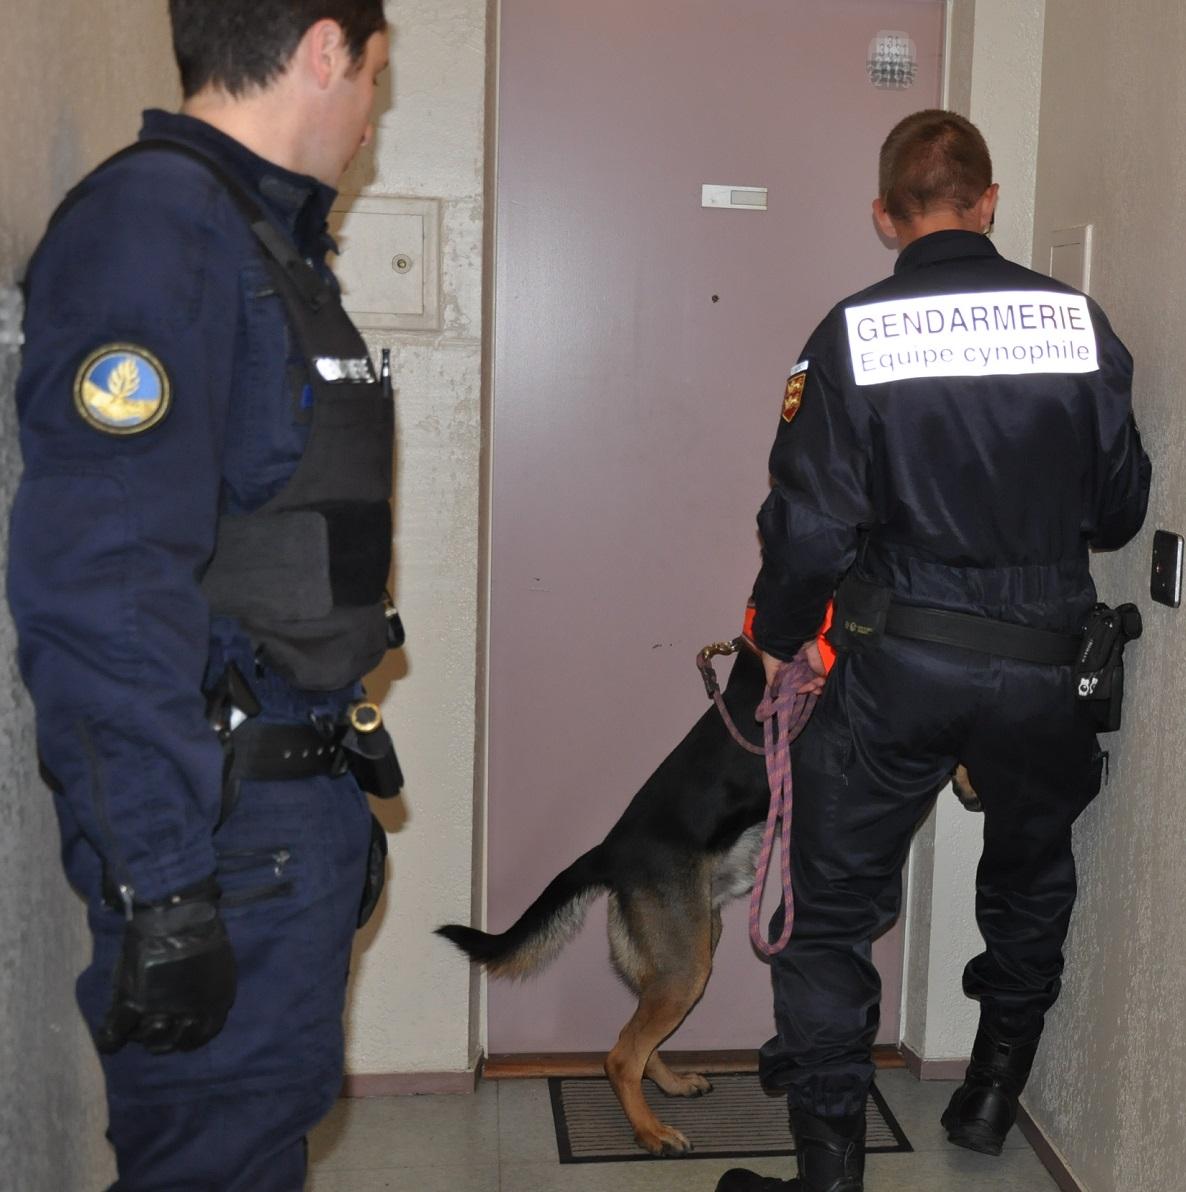 Six équipes cynophiles de la gendarmerie et des douanes ont été associés à l'opération anti-drogue (Photo d'illustration @infoNormandie)